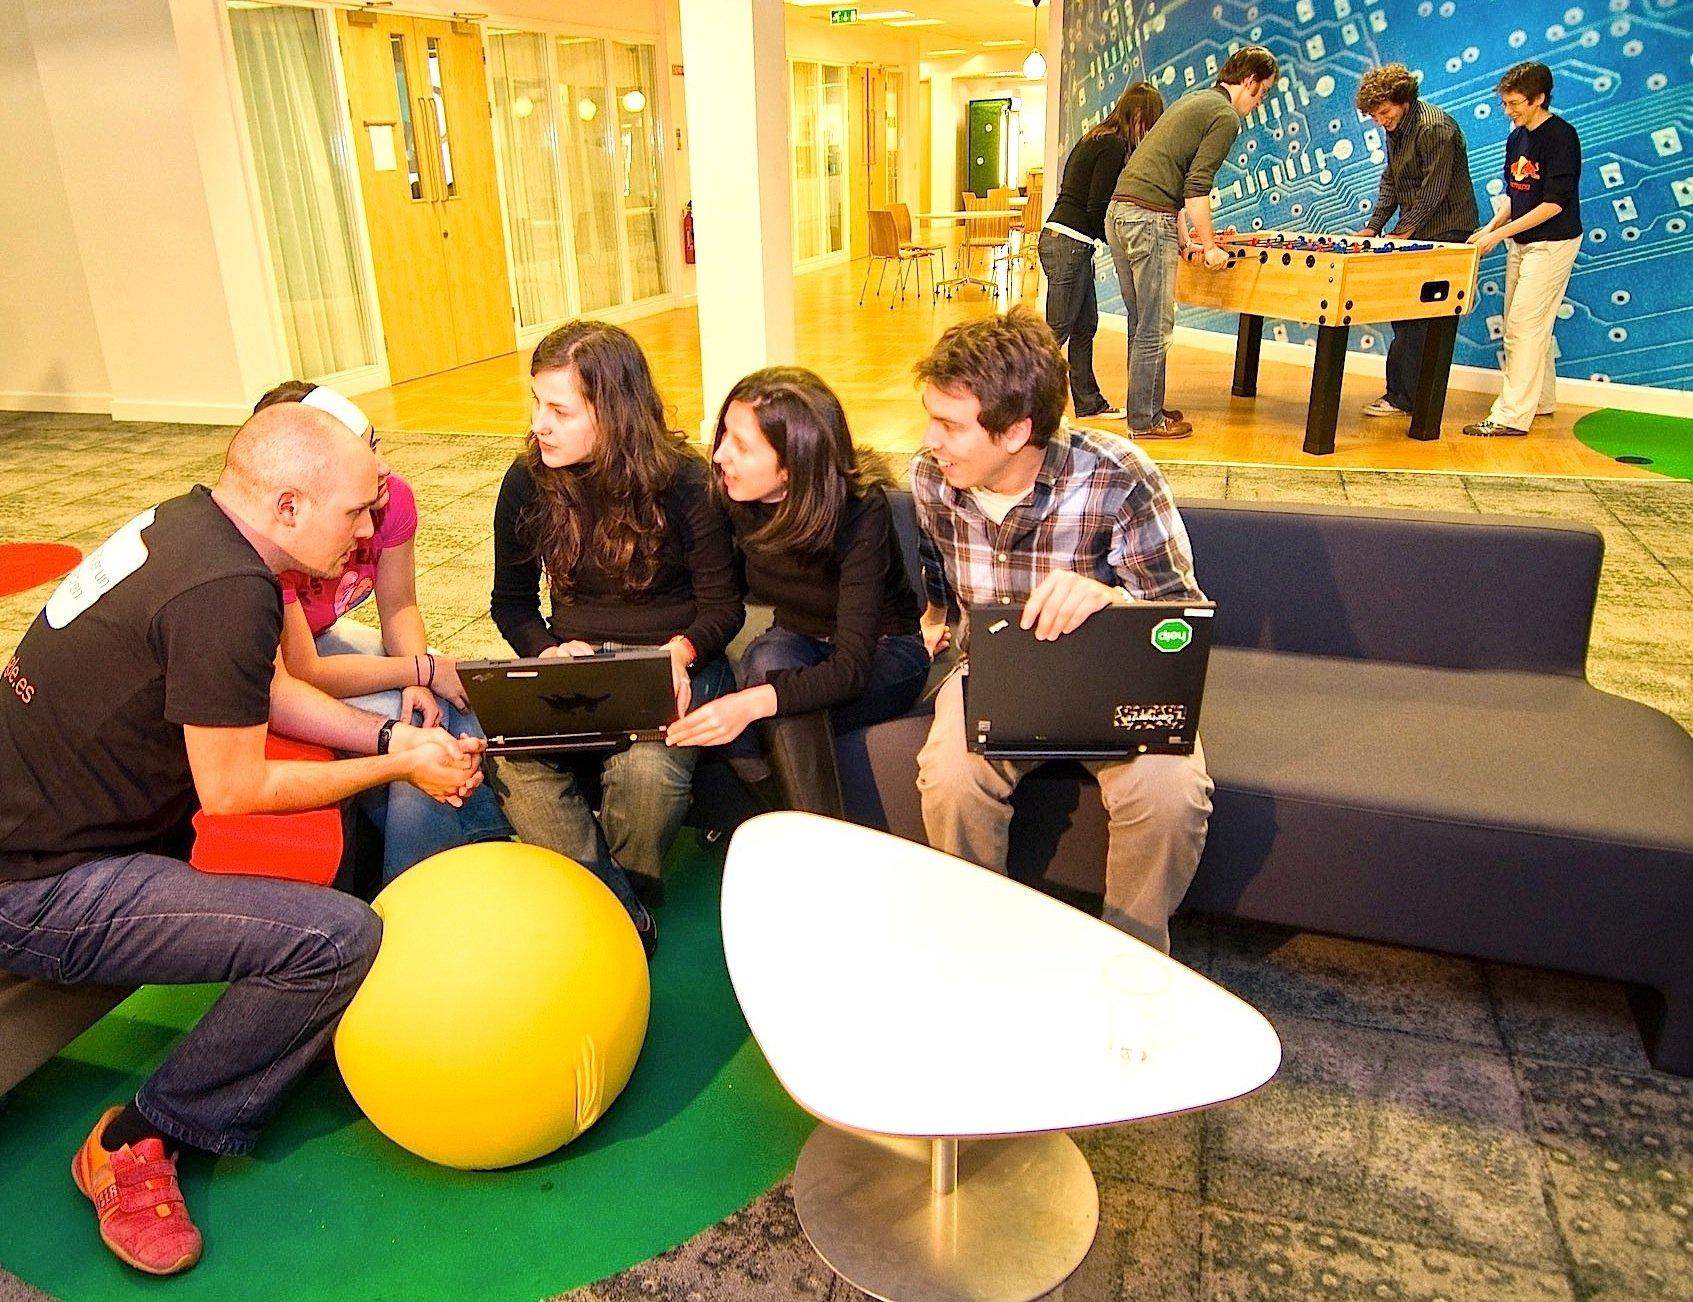 Bei Google liegen Arbeiten und Entspannen eng beieinander. Während einige Mitarbeiter vorne im Café arbeiten, entspannen sich andere beim Kickern.